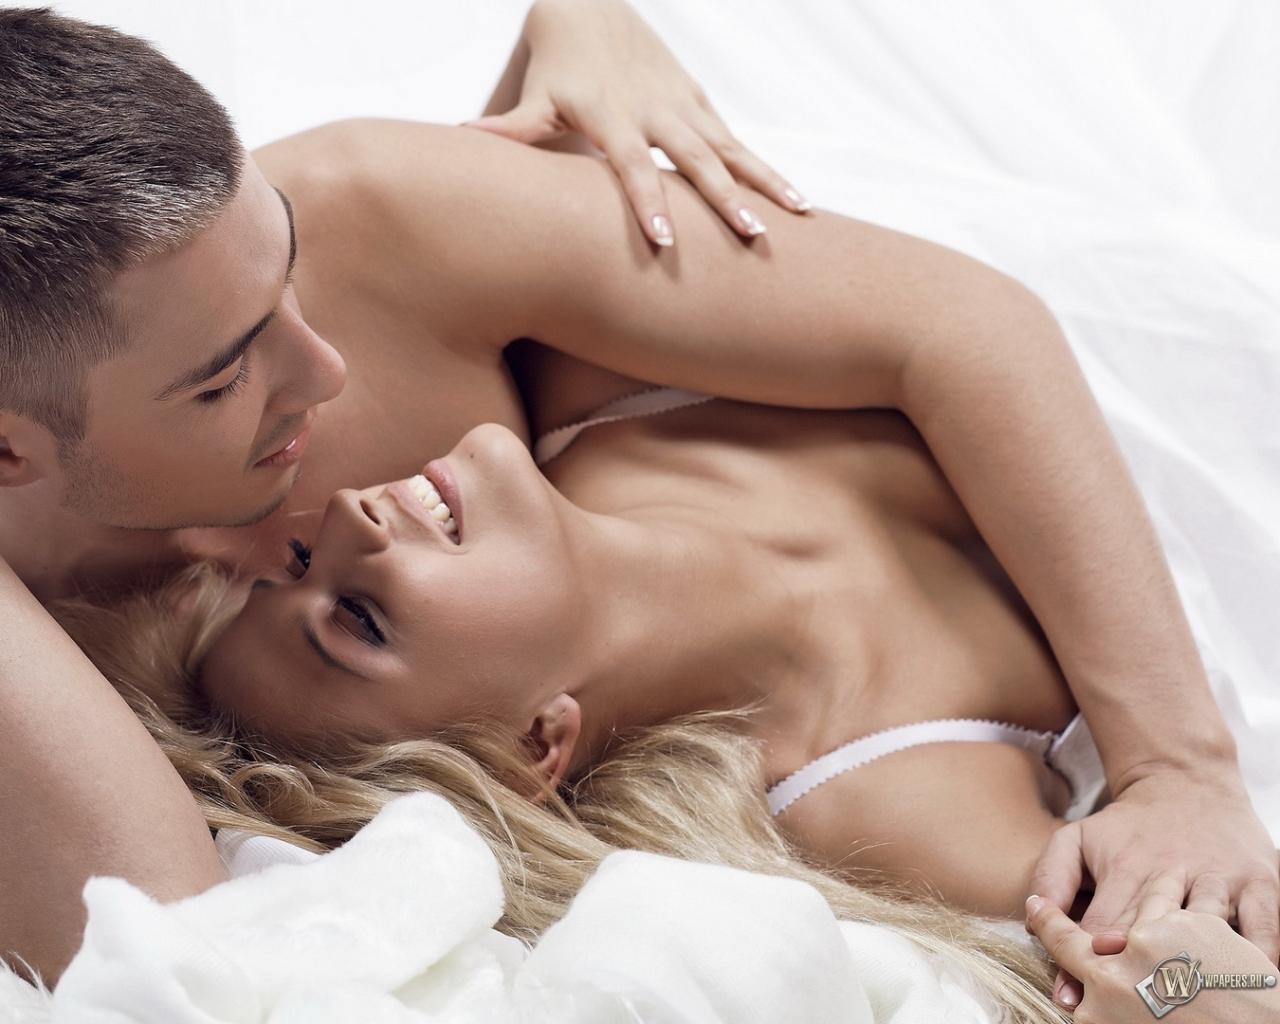 Секс в постеле домашний, Муж и жена в постели снимают домашнее порно 25 фотография